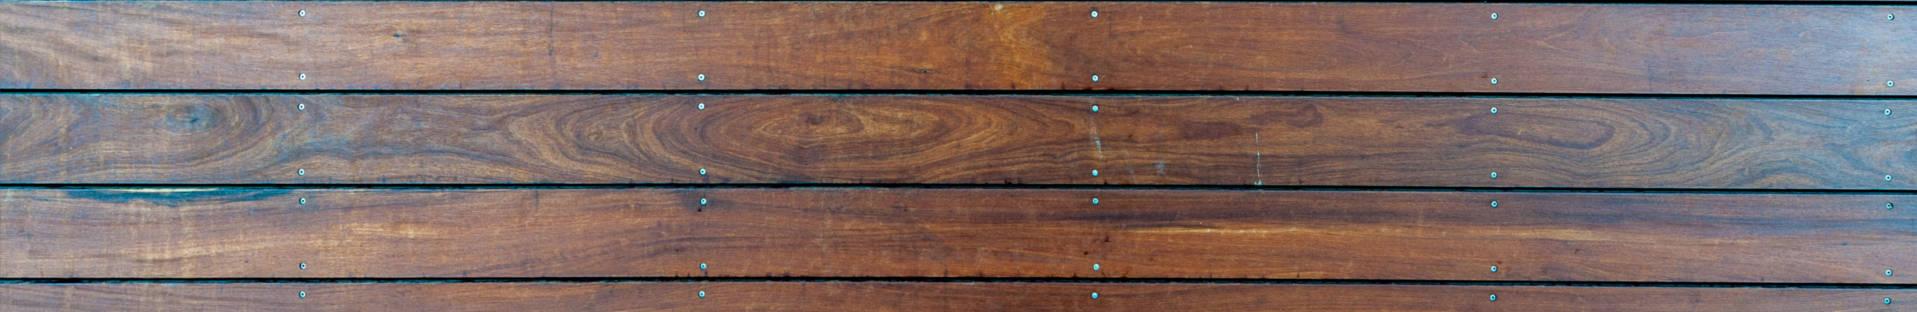 parkiet-drewniany Parkiet egzotyczny - Telefon: 609-370-990